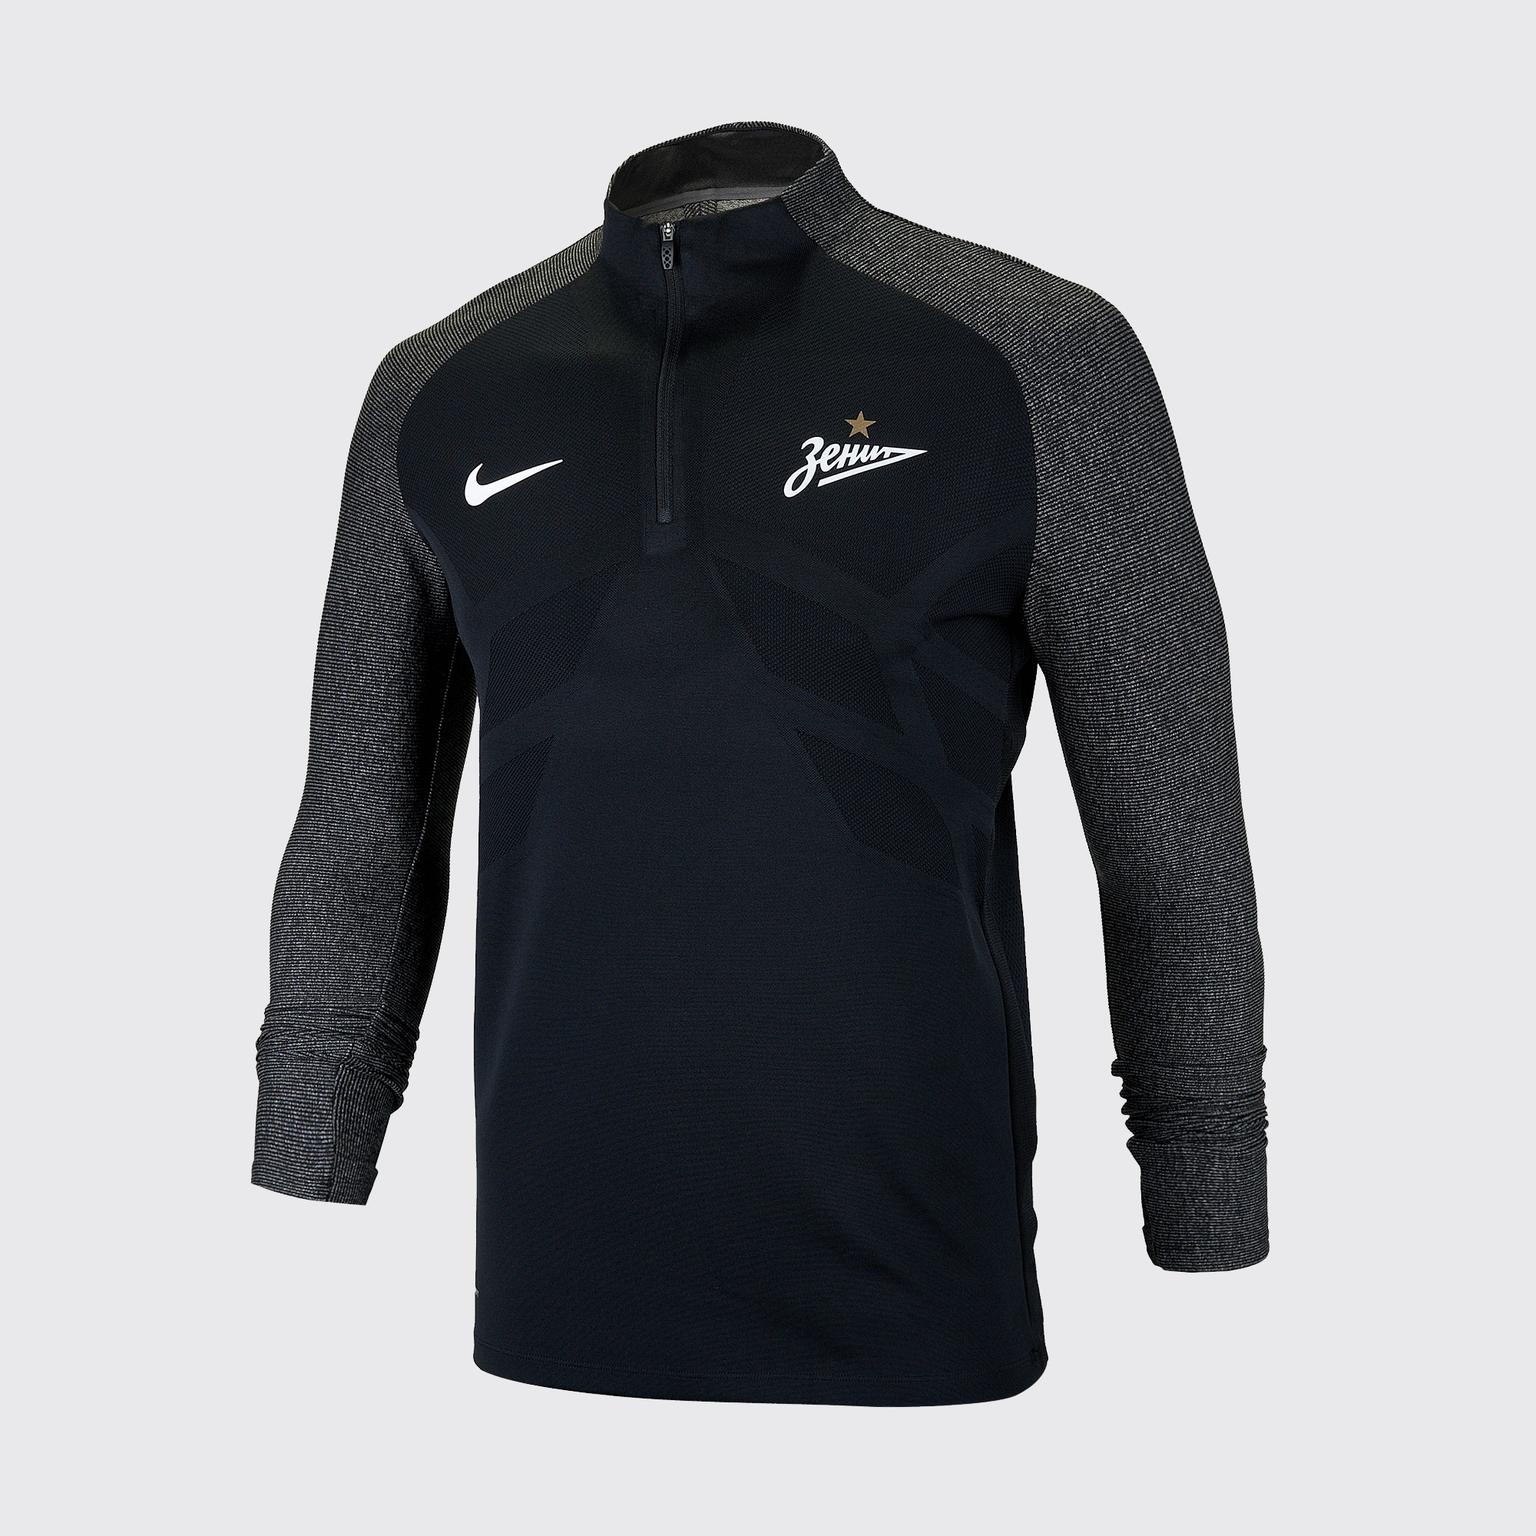 Свитер тренировочный Nike Zenit 858872-010